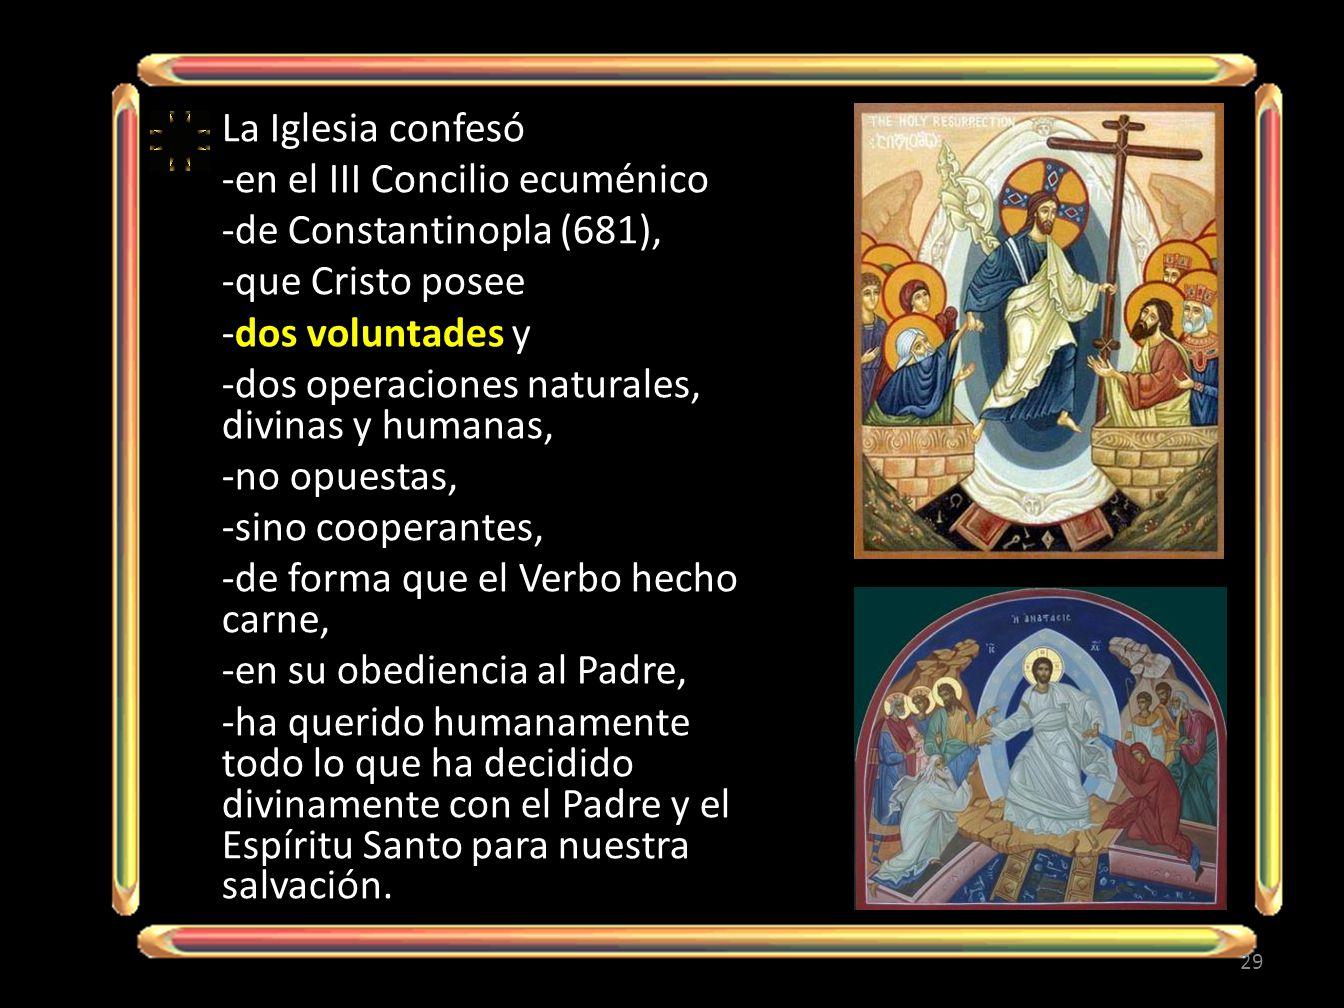 La Iglesia confesó -en el III Concilio ecuménico. -de Constantinopla (681), -que Cristo posee. -dos voluntades y.